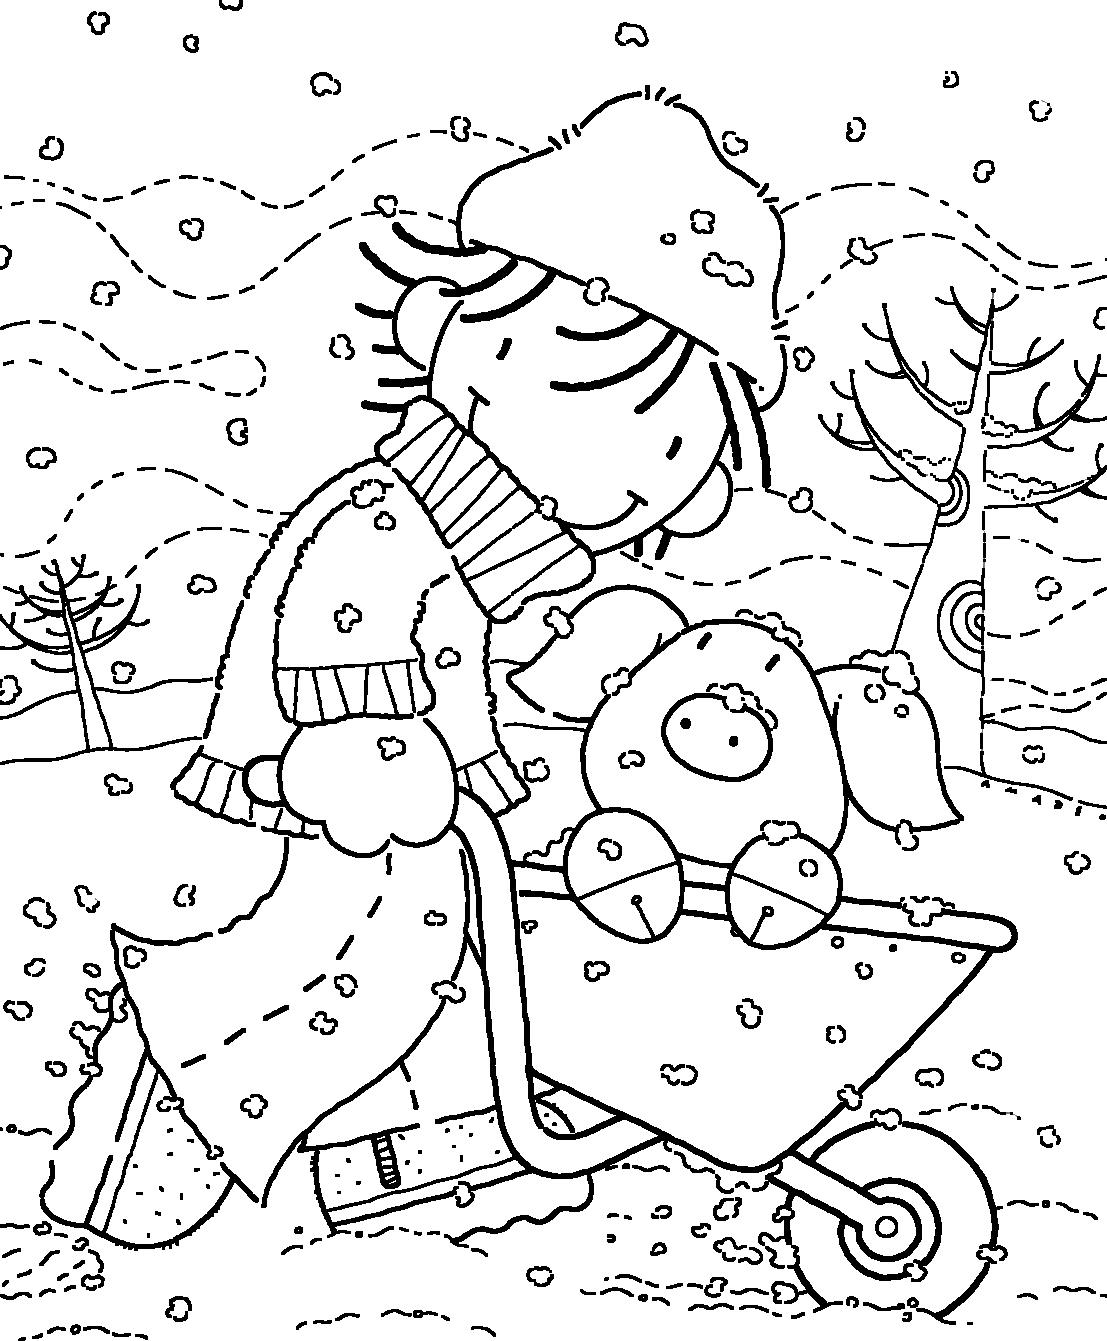 Obtener Dibujos De Invierno Para Colorear Infantil